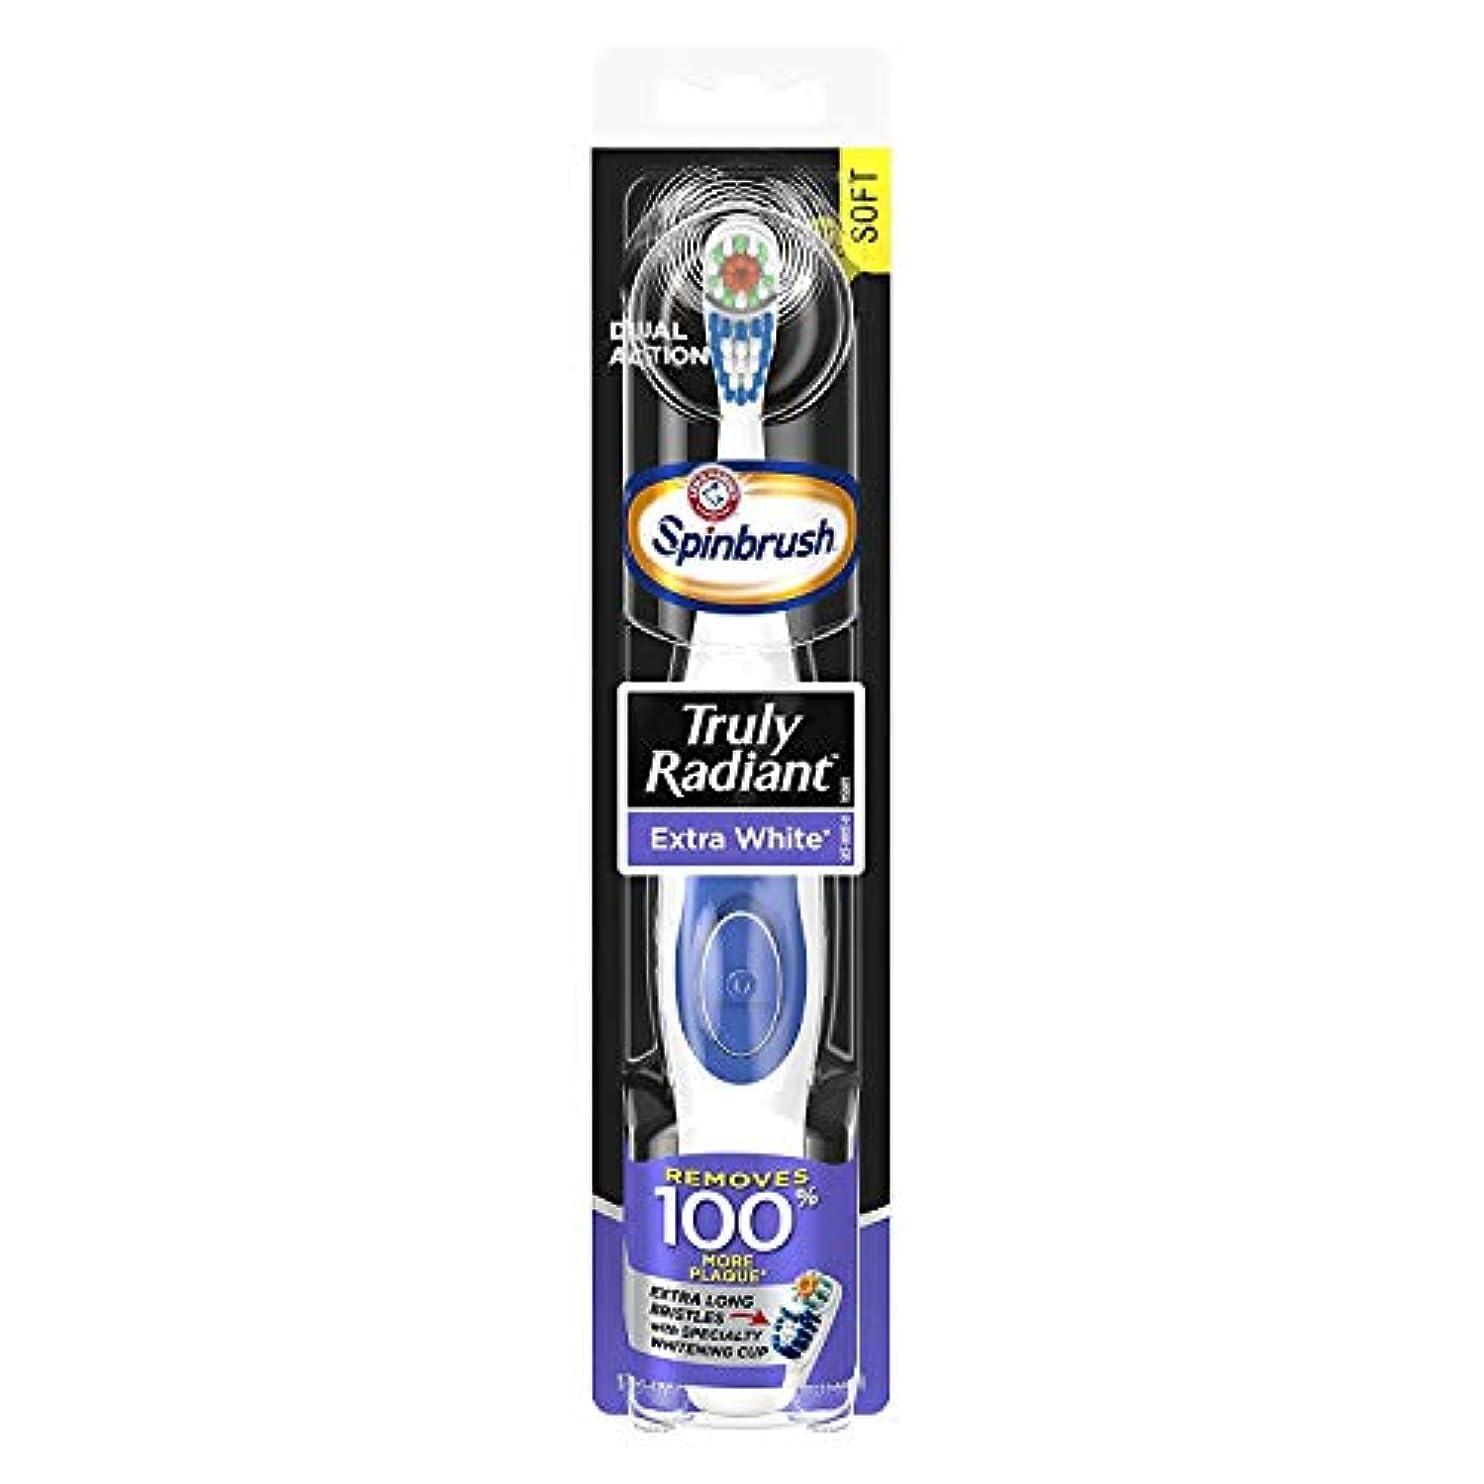 厳密に出くわす本質的ではないARM & HAMMER Spinbrush Powered Truly Radiant Toothbrush, Extra White, Soft 1 ea by Arm & Hammer